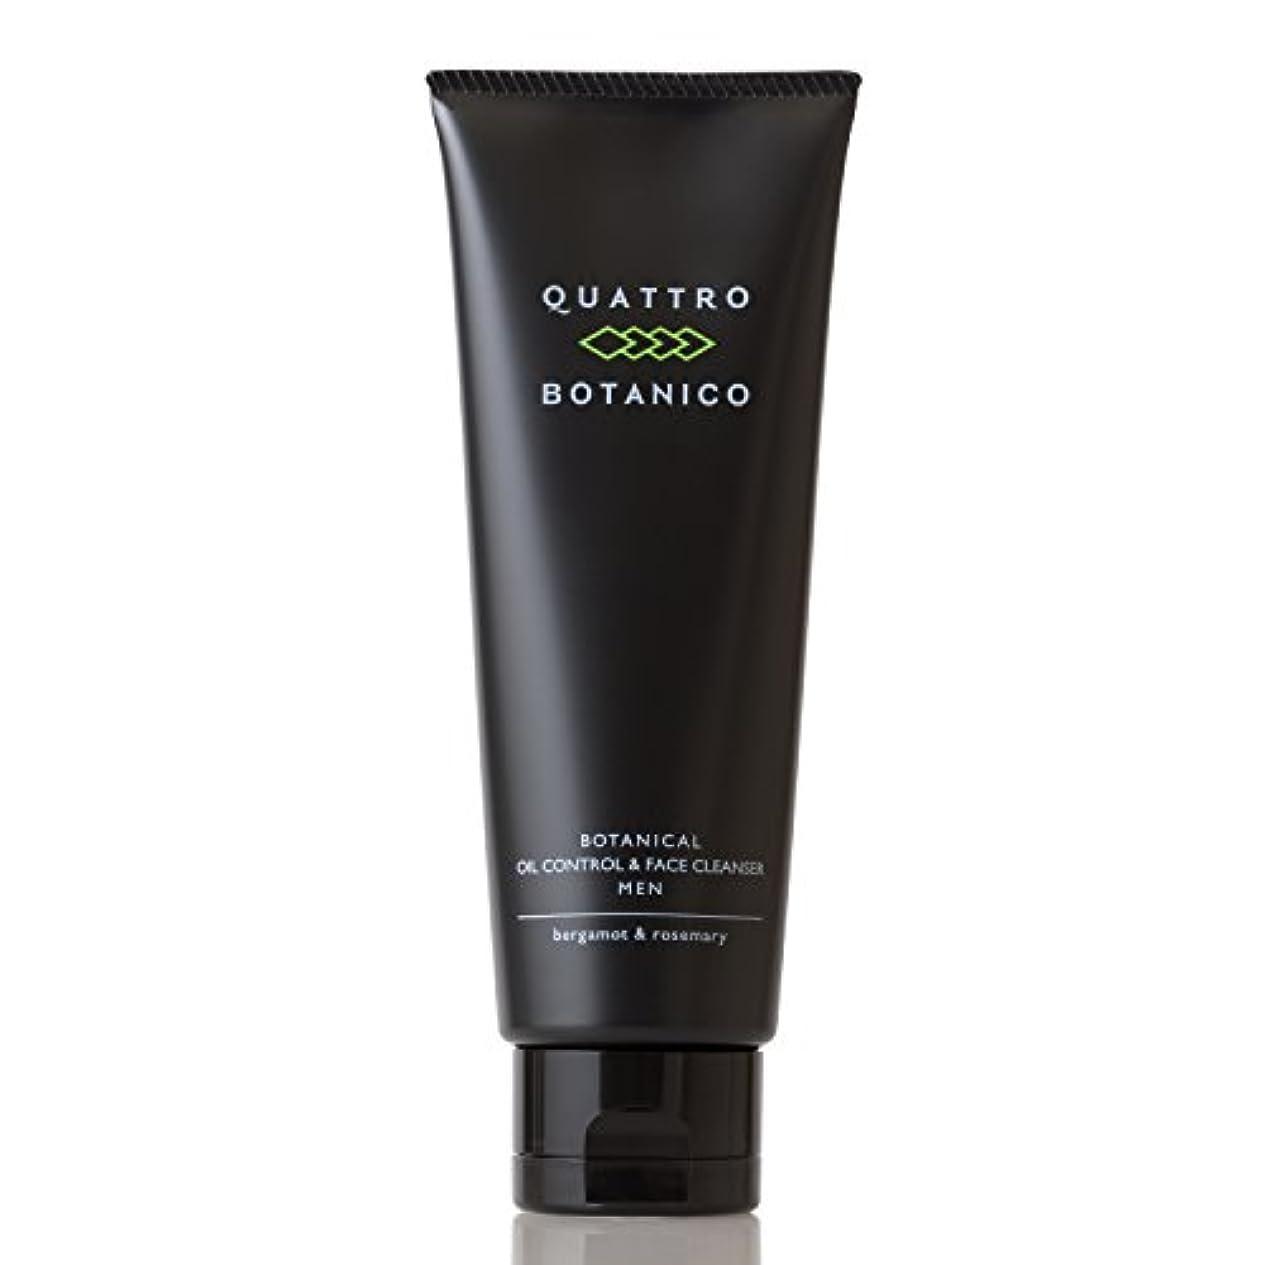 式練習根拠クワトロボタニコ (QUATTRO BOTANICO) 【 メンズ 洗顔 】 ボタニカル オイルコントロール & フェイスクレンザー (男性 スキンケア) 男性用 洗顔クリーム 男 皮脂 テカリ